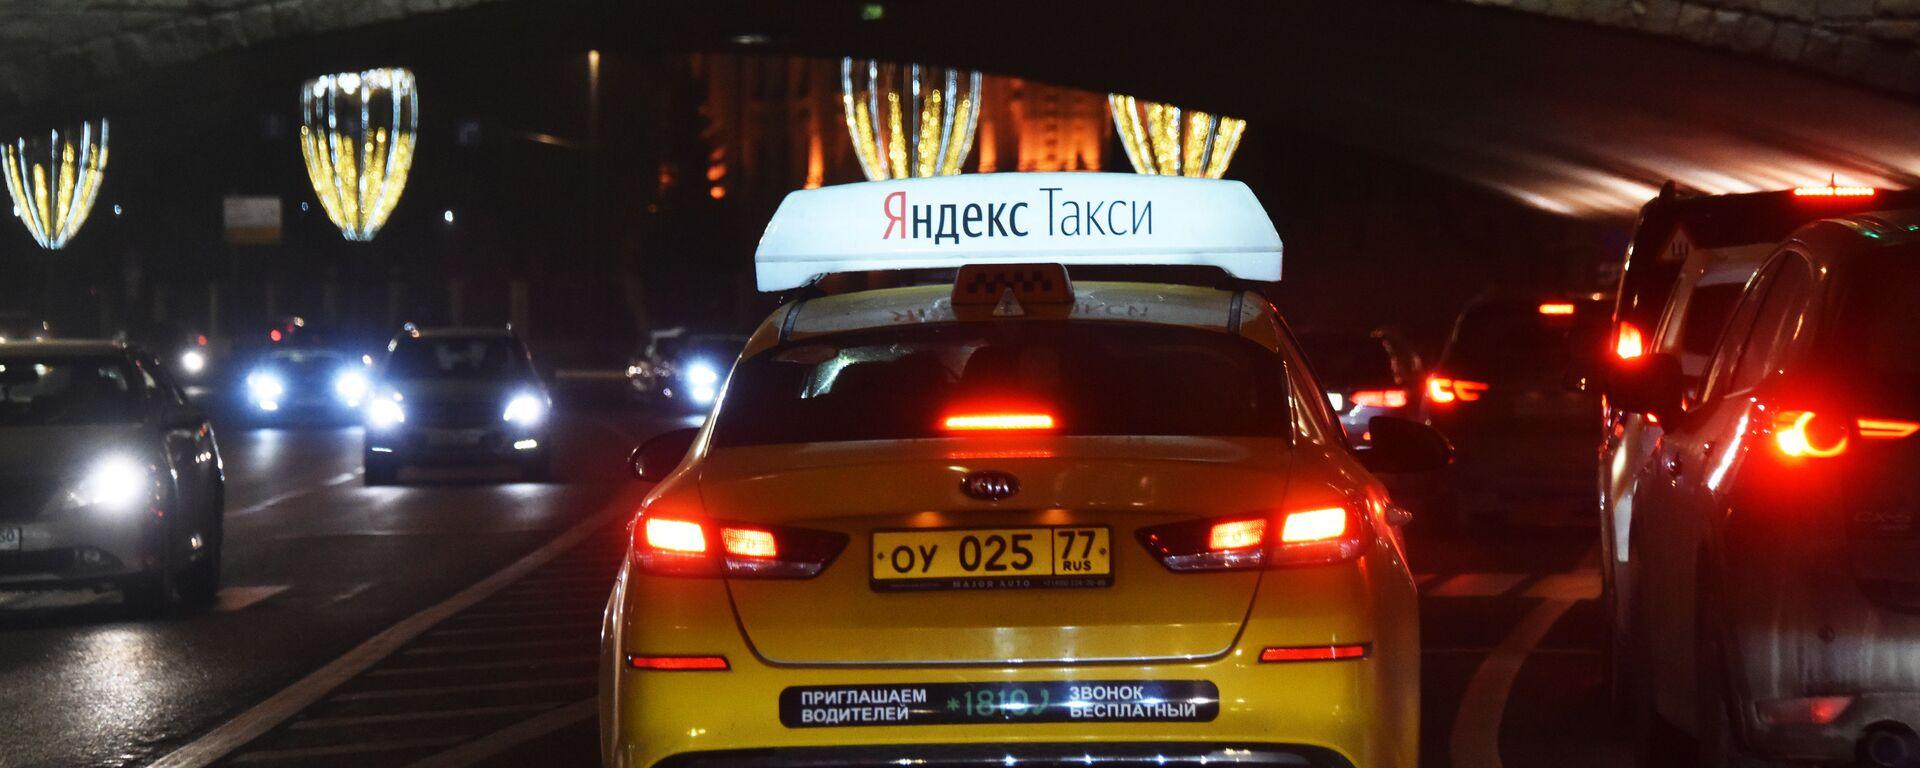 Автомобиль службы Яндекс Такси. - Sputnik Узбекистан, 1920, 25.02.2020